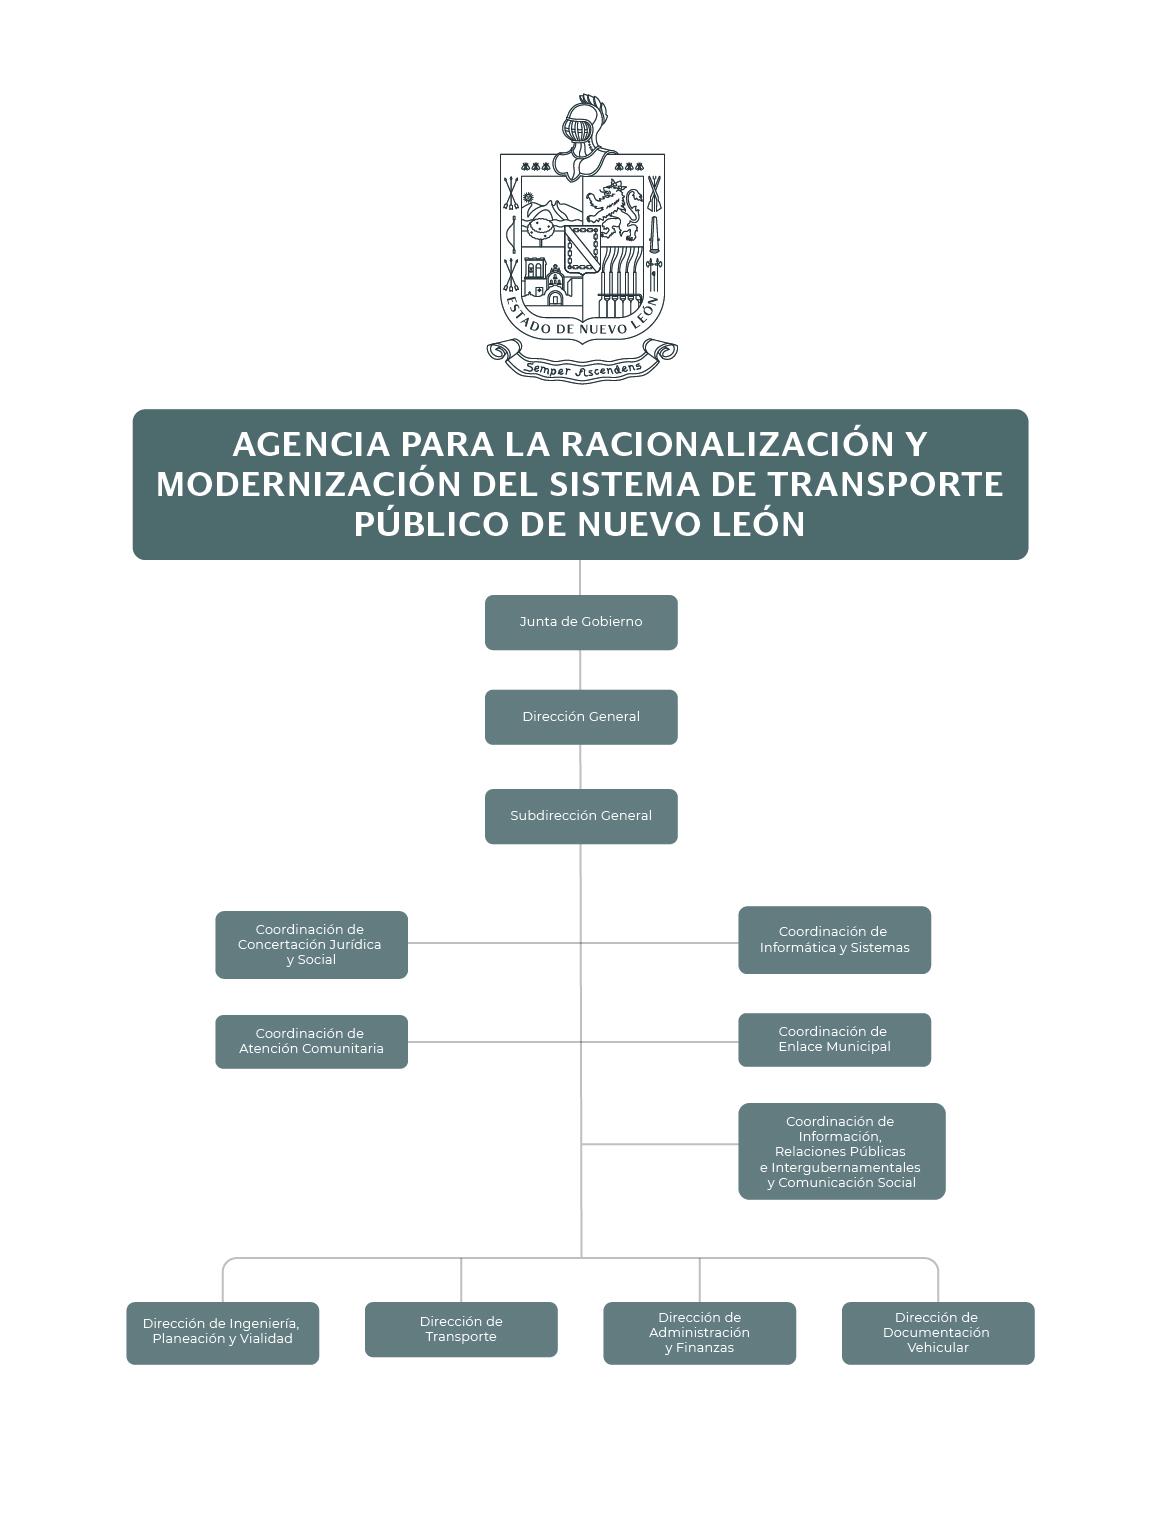 Organigrama de la Agencia para la Racionalización y Modernización del Sistema de Transporte Público de Nuevo León